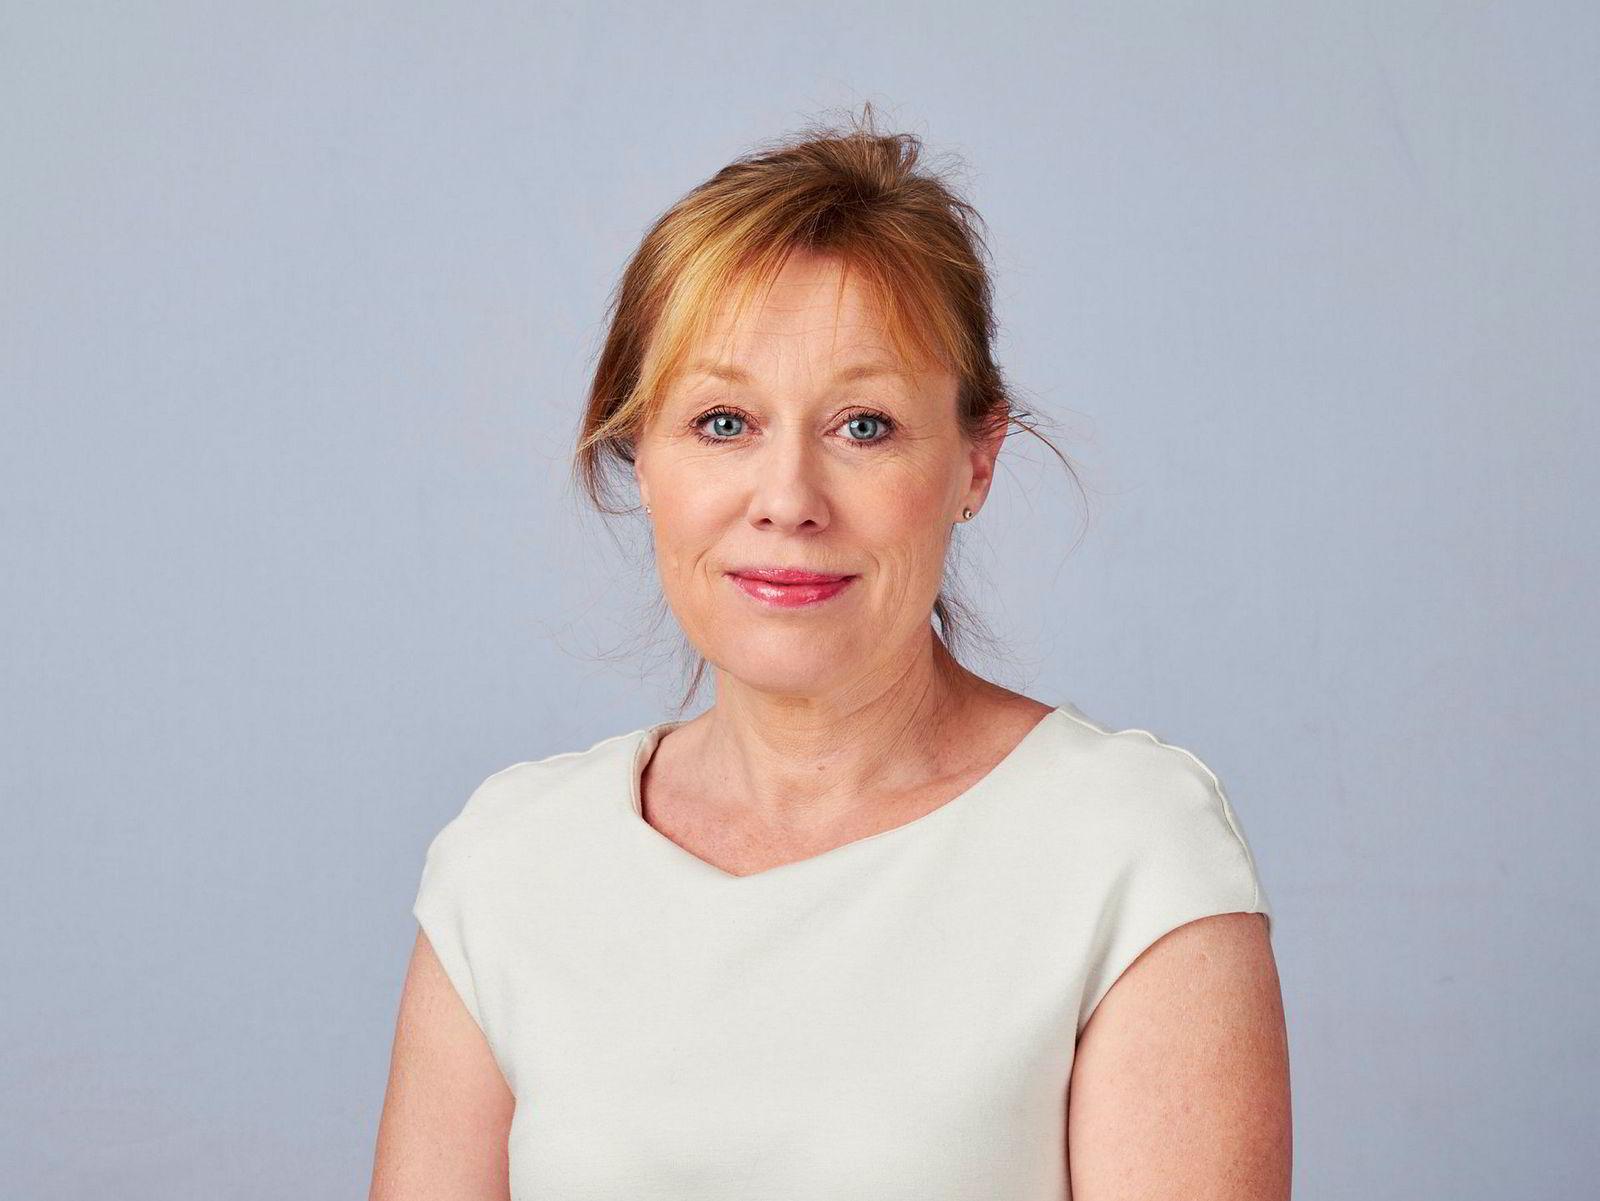 Annechen Bahr Bugge forsker ved Forbruksforskningsinstituttet Sifo.